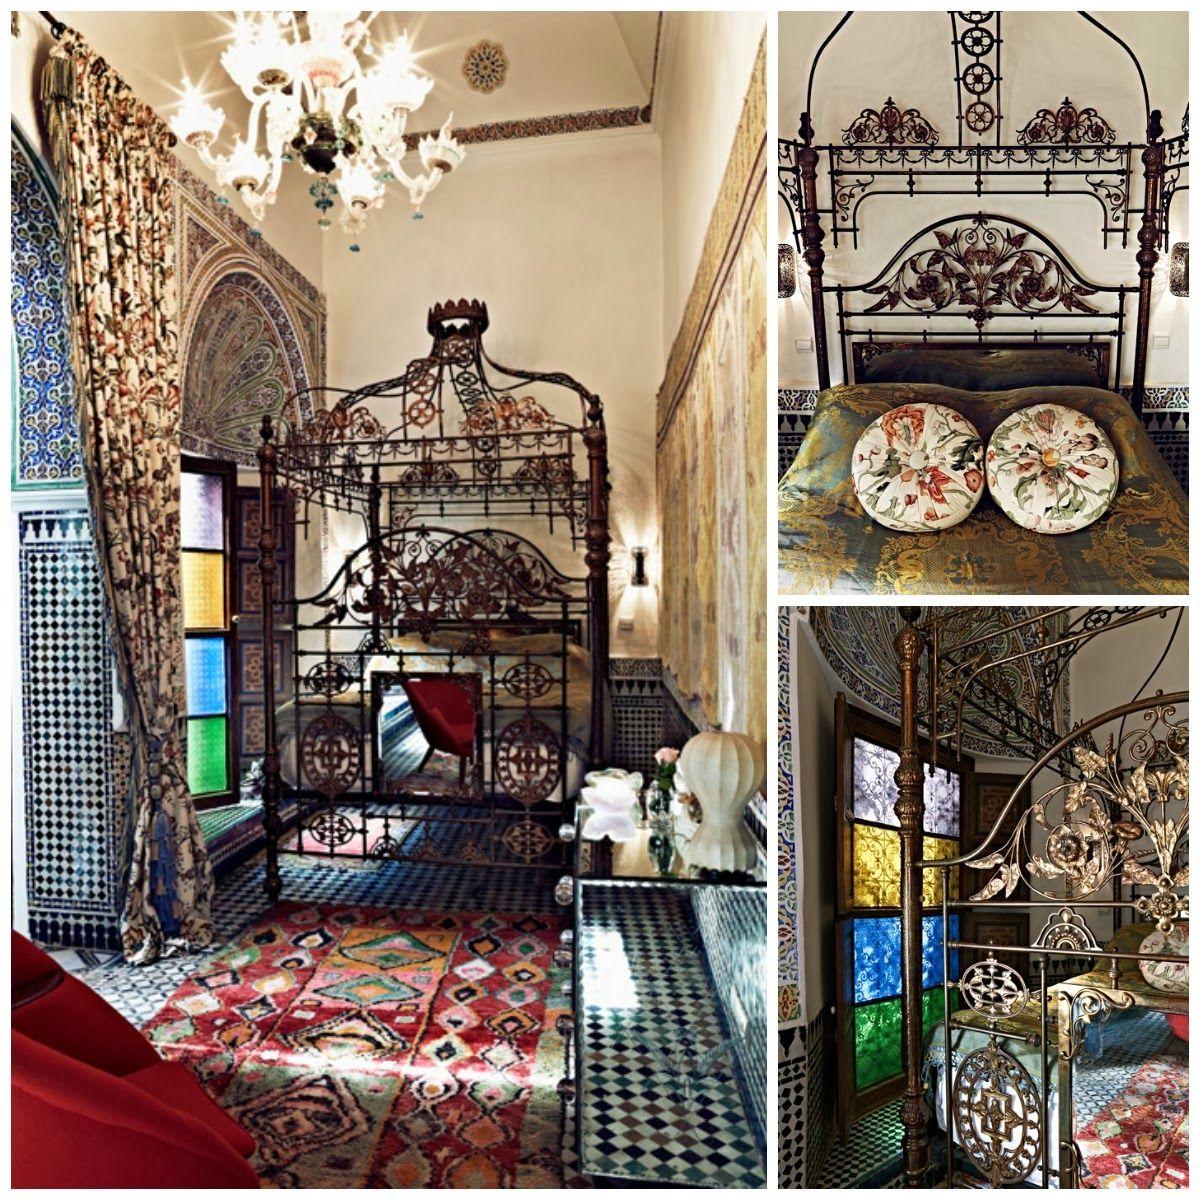 El tiempo entre costuras marruecos la musa decoraci n dormitorio bedroom home d cor Decoracion marruecos